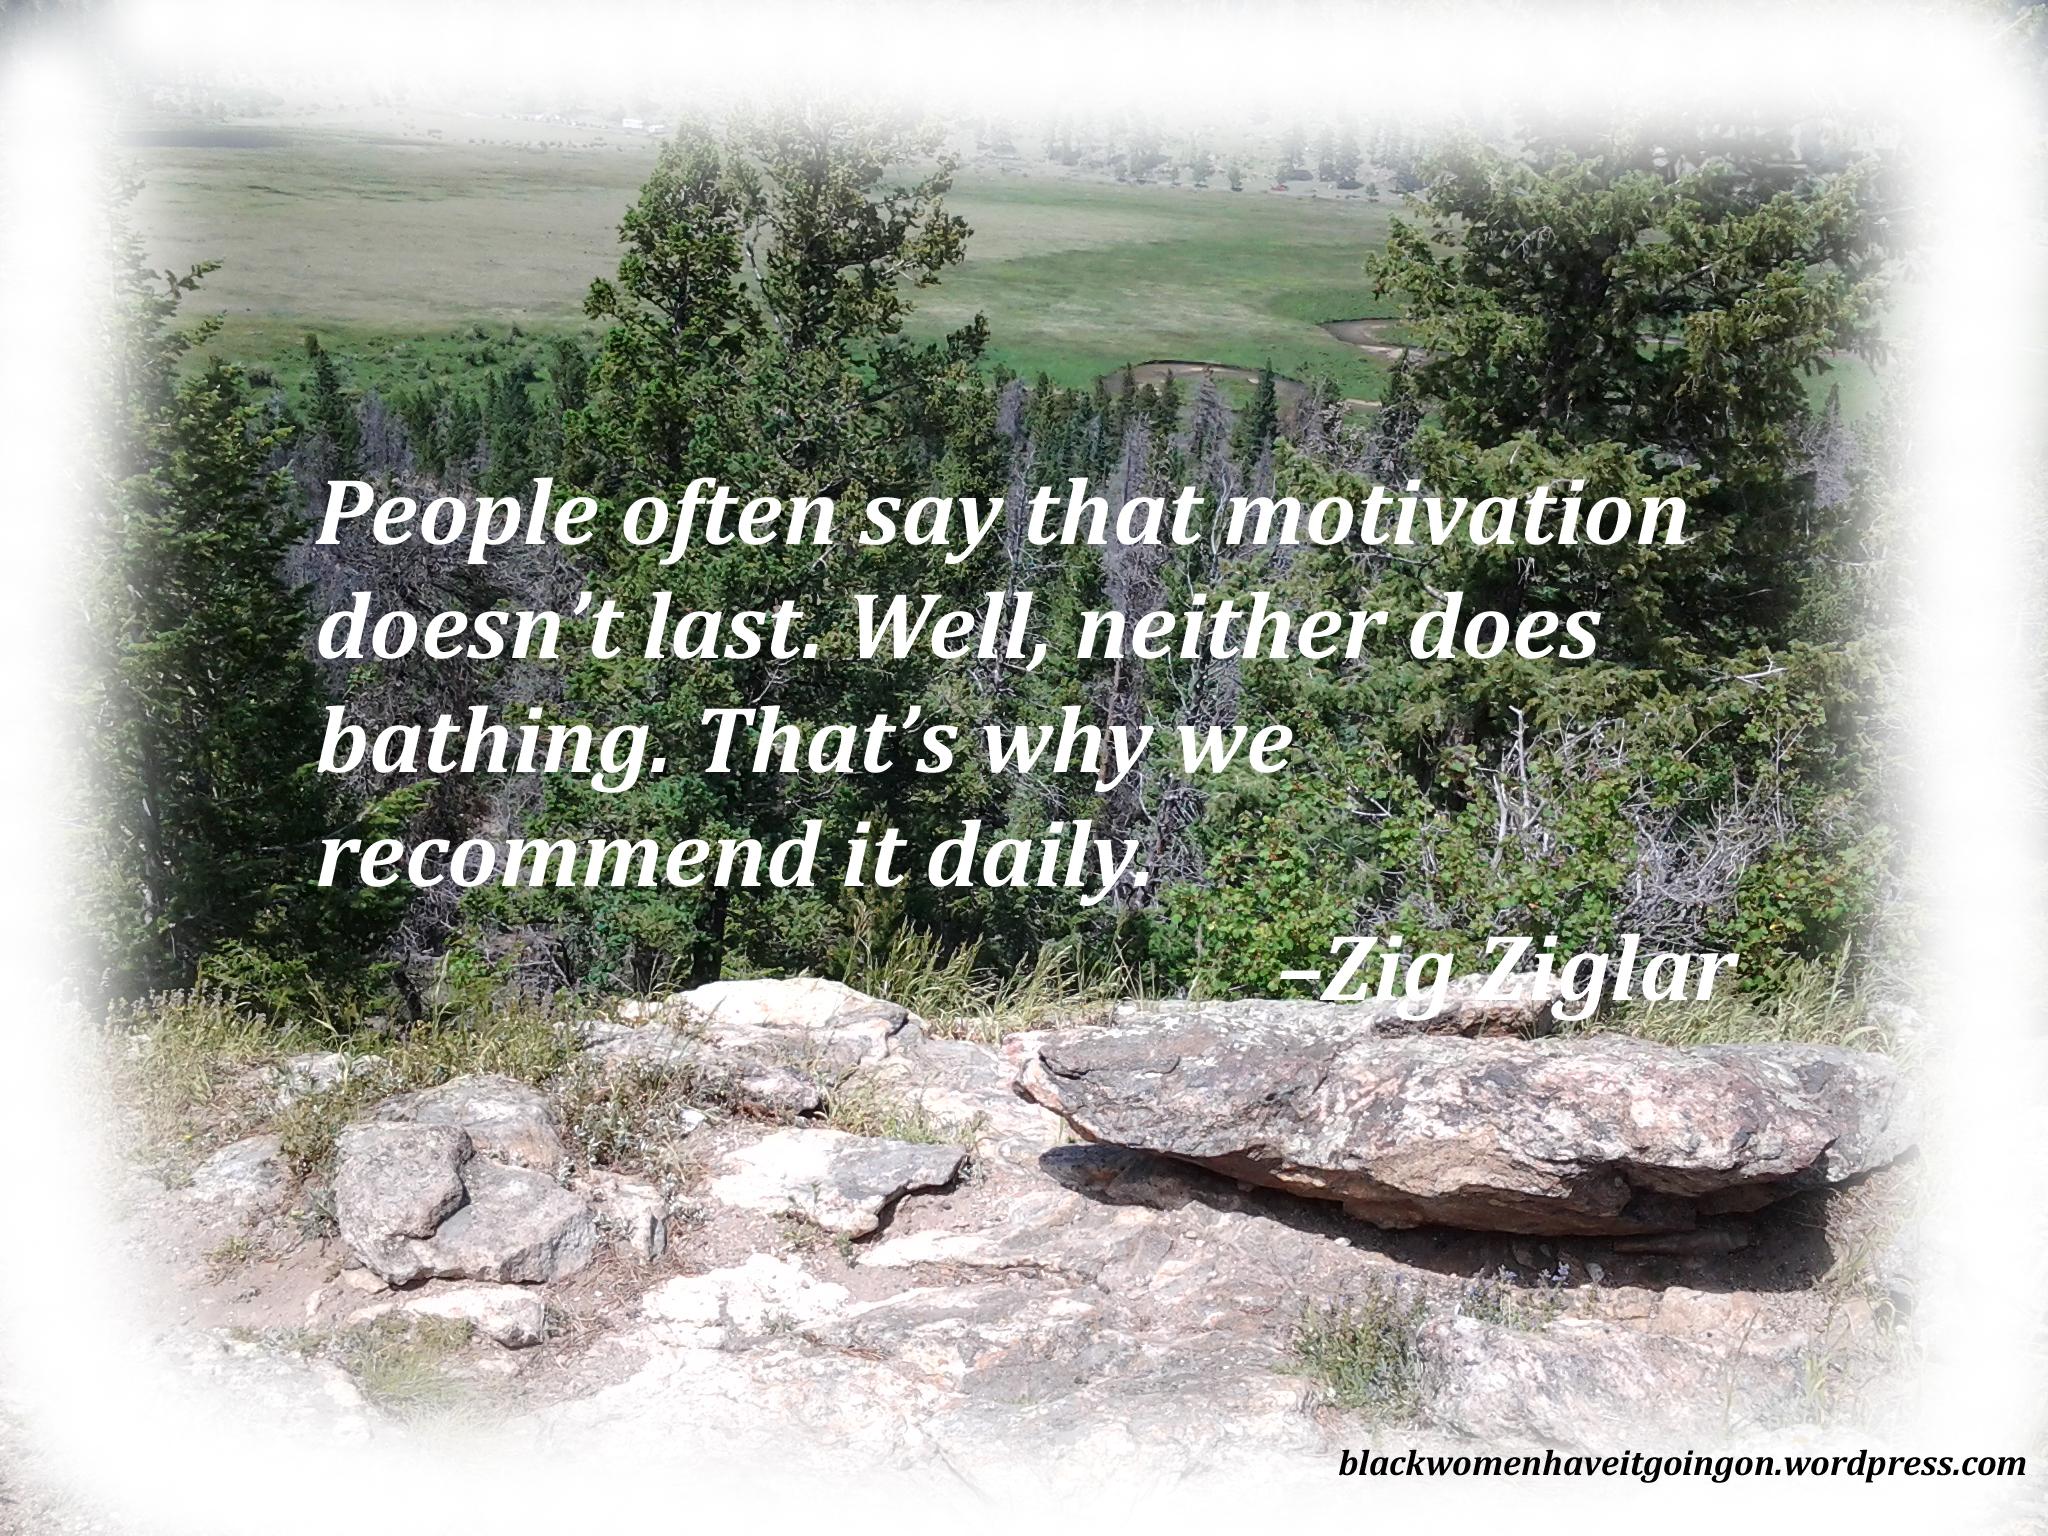 Quotes Zig Ziglar Motivational Quotes Zig Ziglar  Black Women Have It Going On